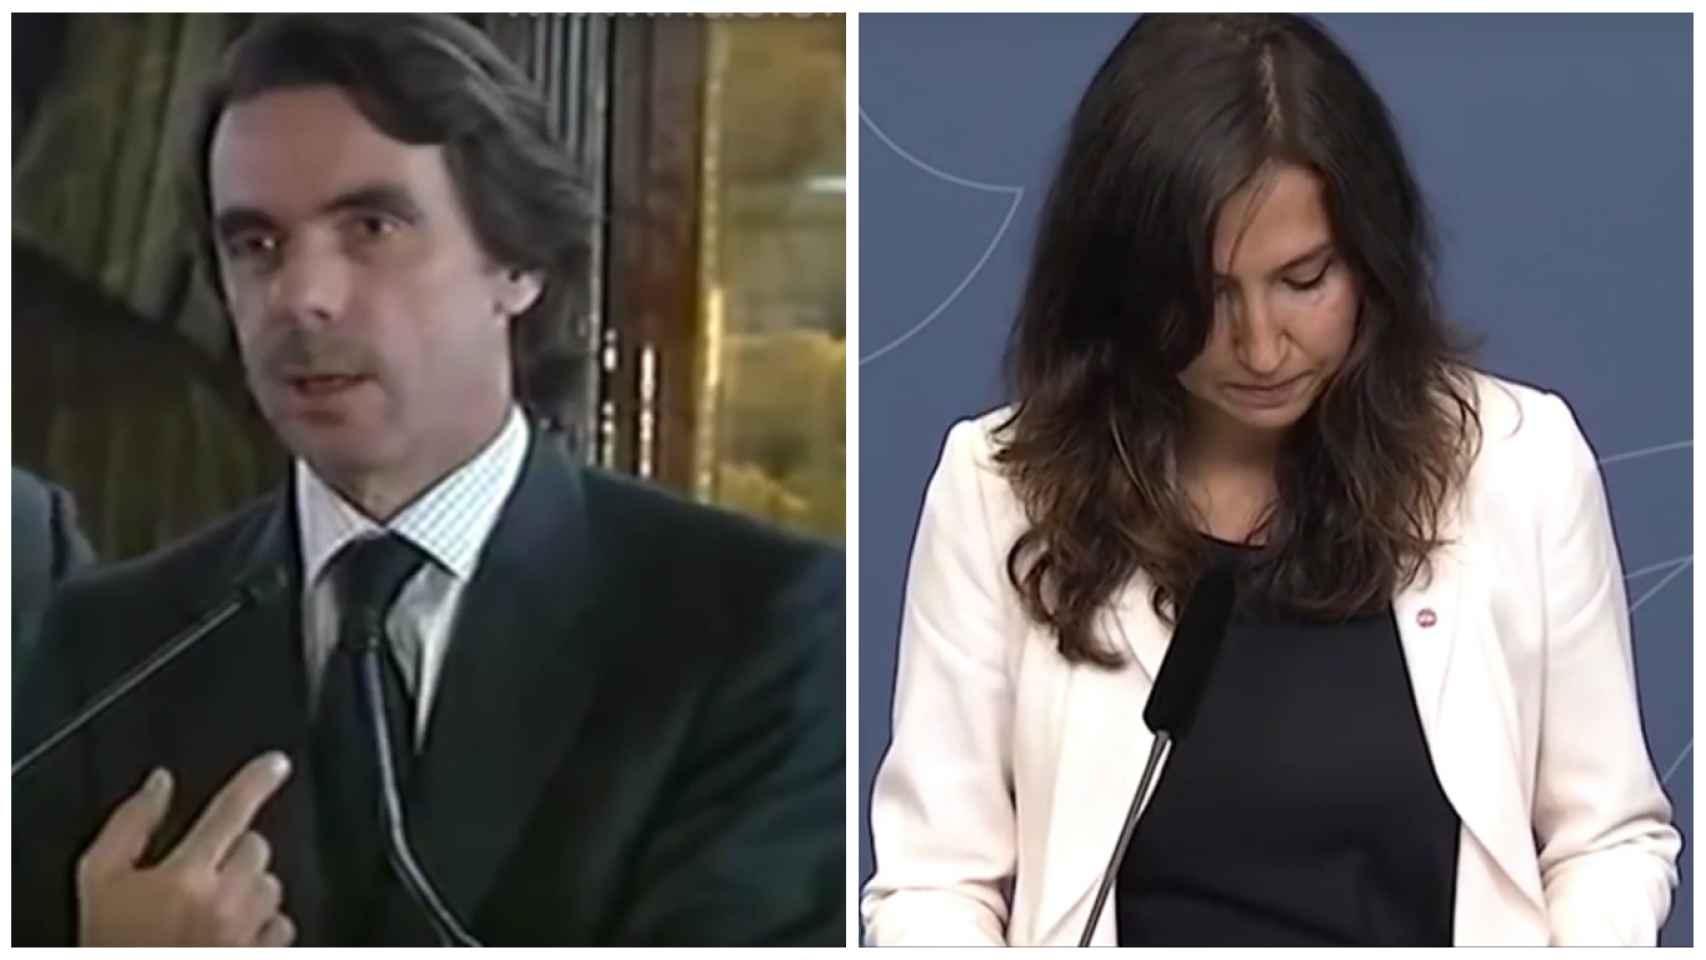 Aznar a la izquierda y Aída a la derecha